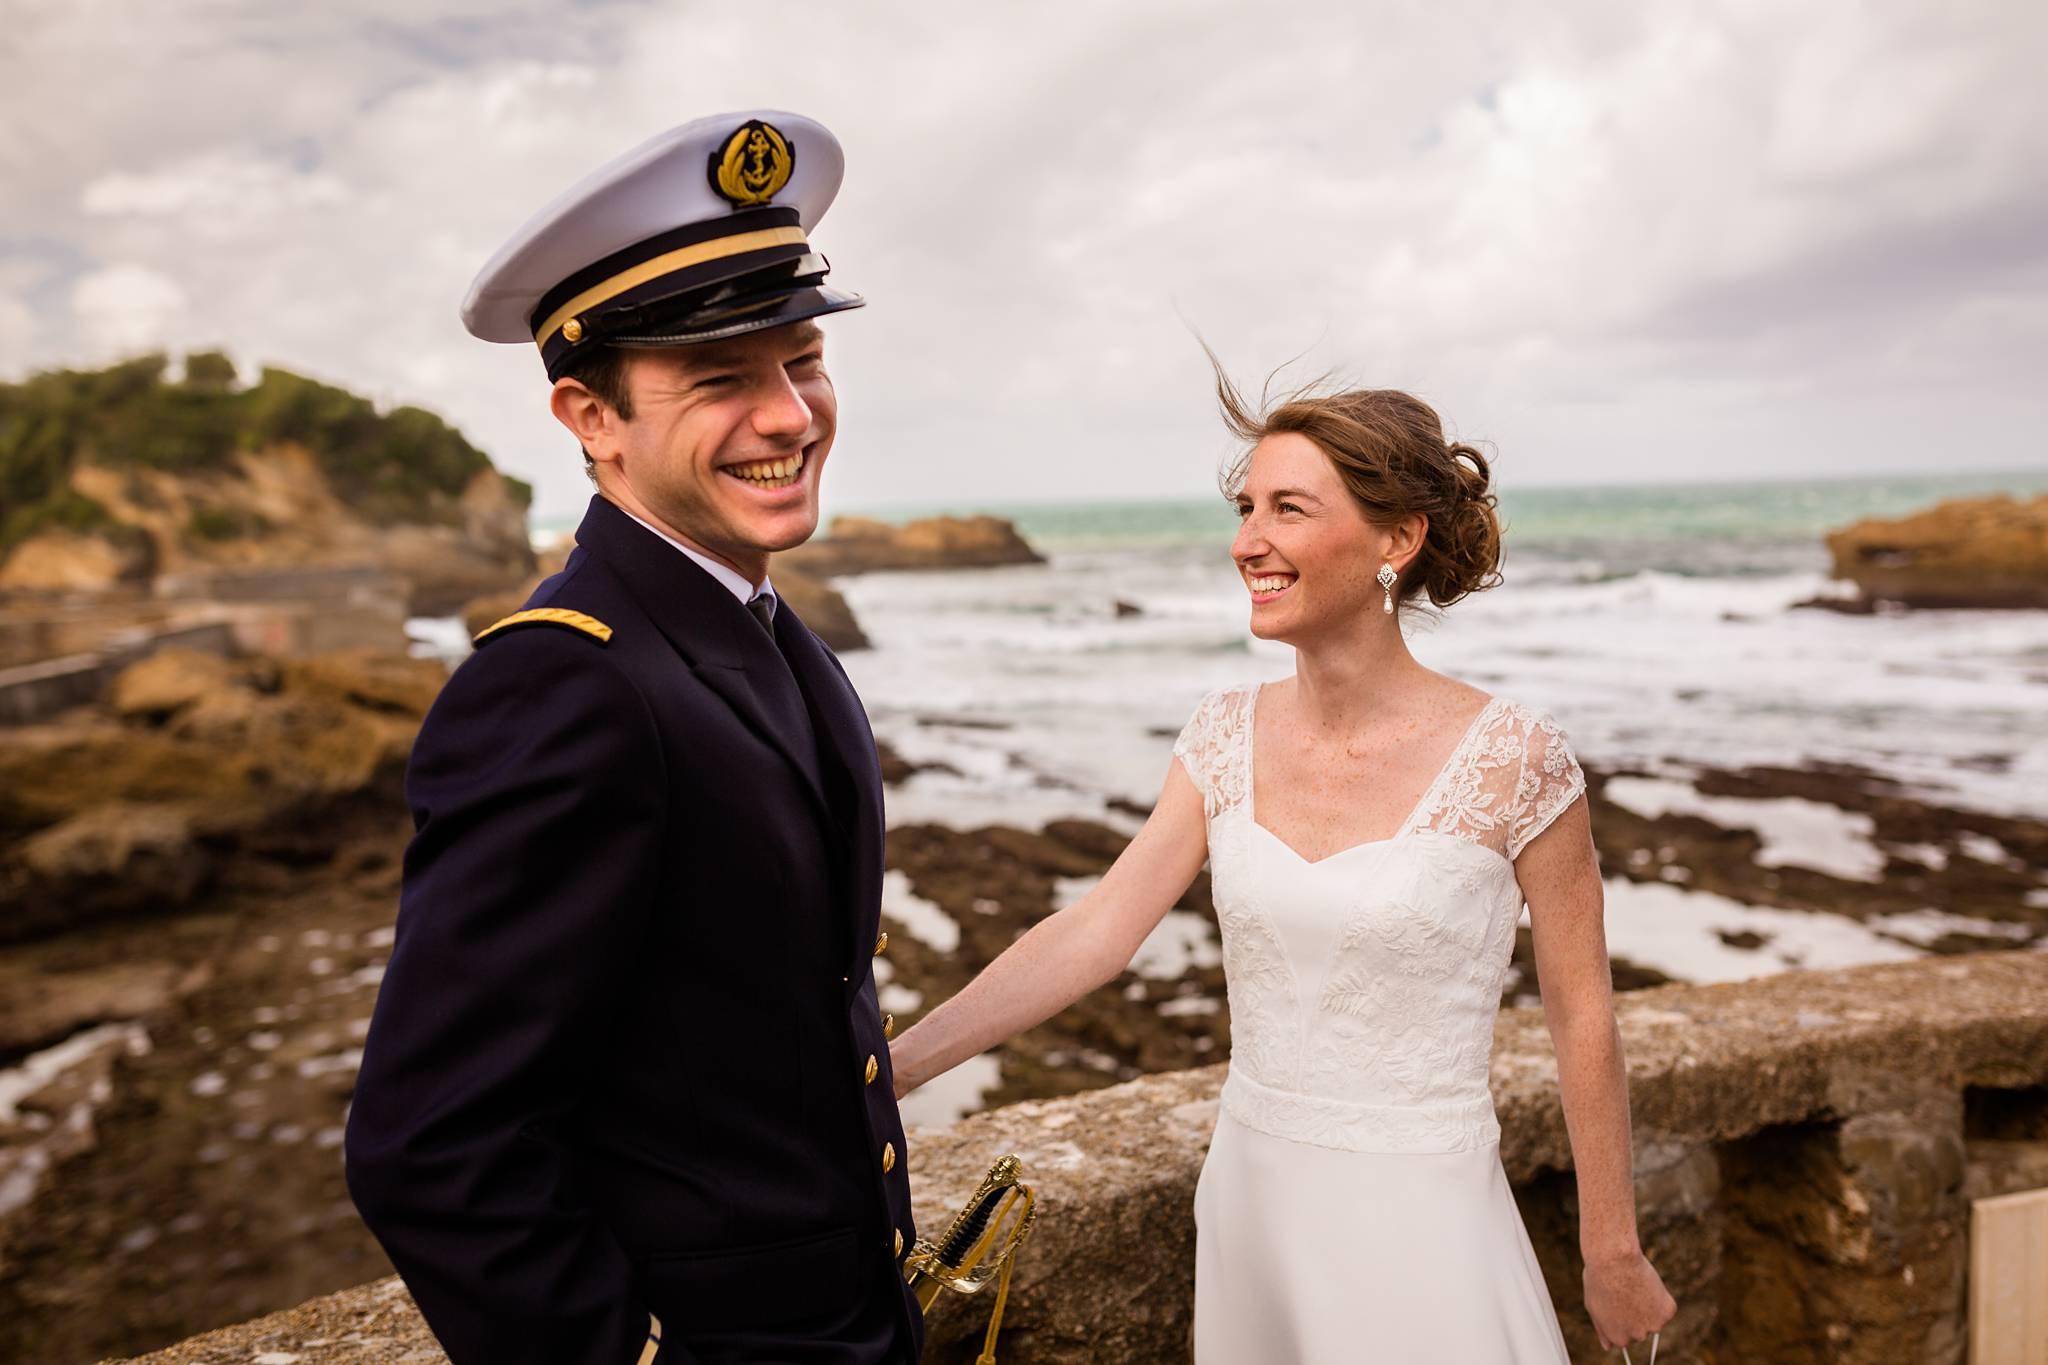 Mariage à Biarritz Pays Basque - Château de Brindos